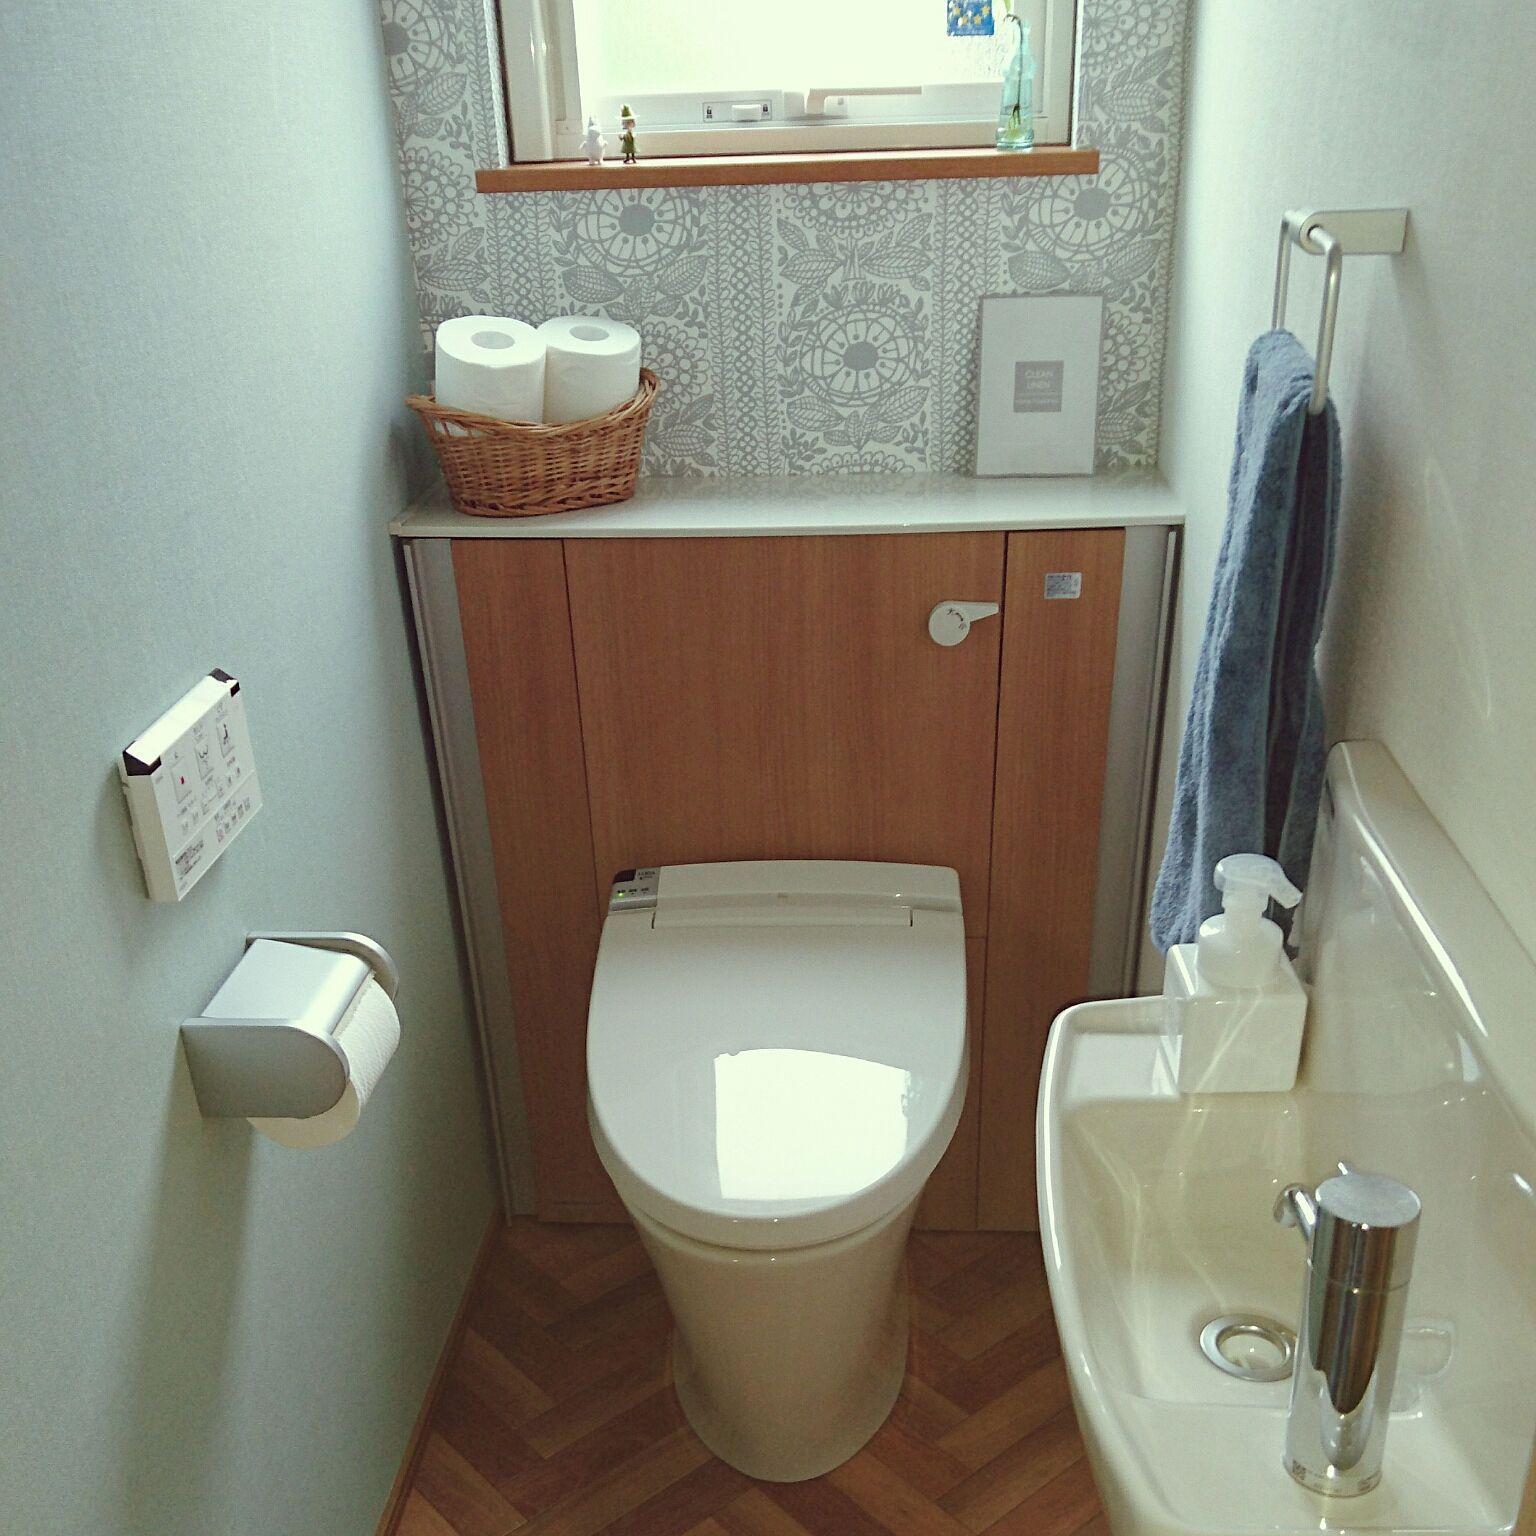 バス トイレ タイミ クリエラスク Lixilトイレ フィンレイソン などのインテリア実例 2018 06 09 08 45 02 Roomclip ルームクリップ Lixil トイレ トイレのアイデア トイレのデザイン